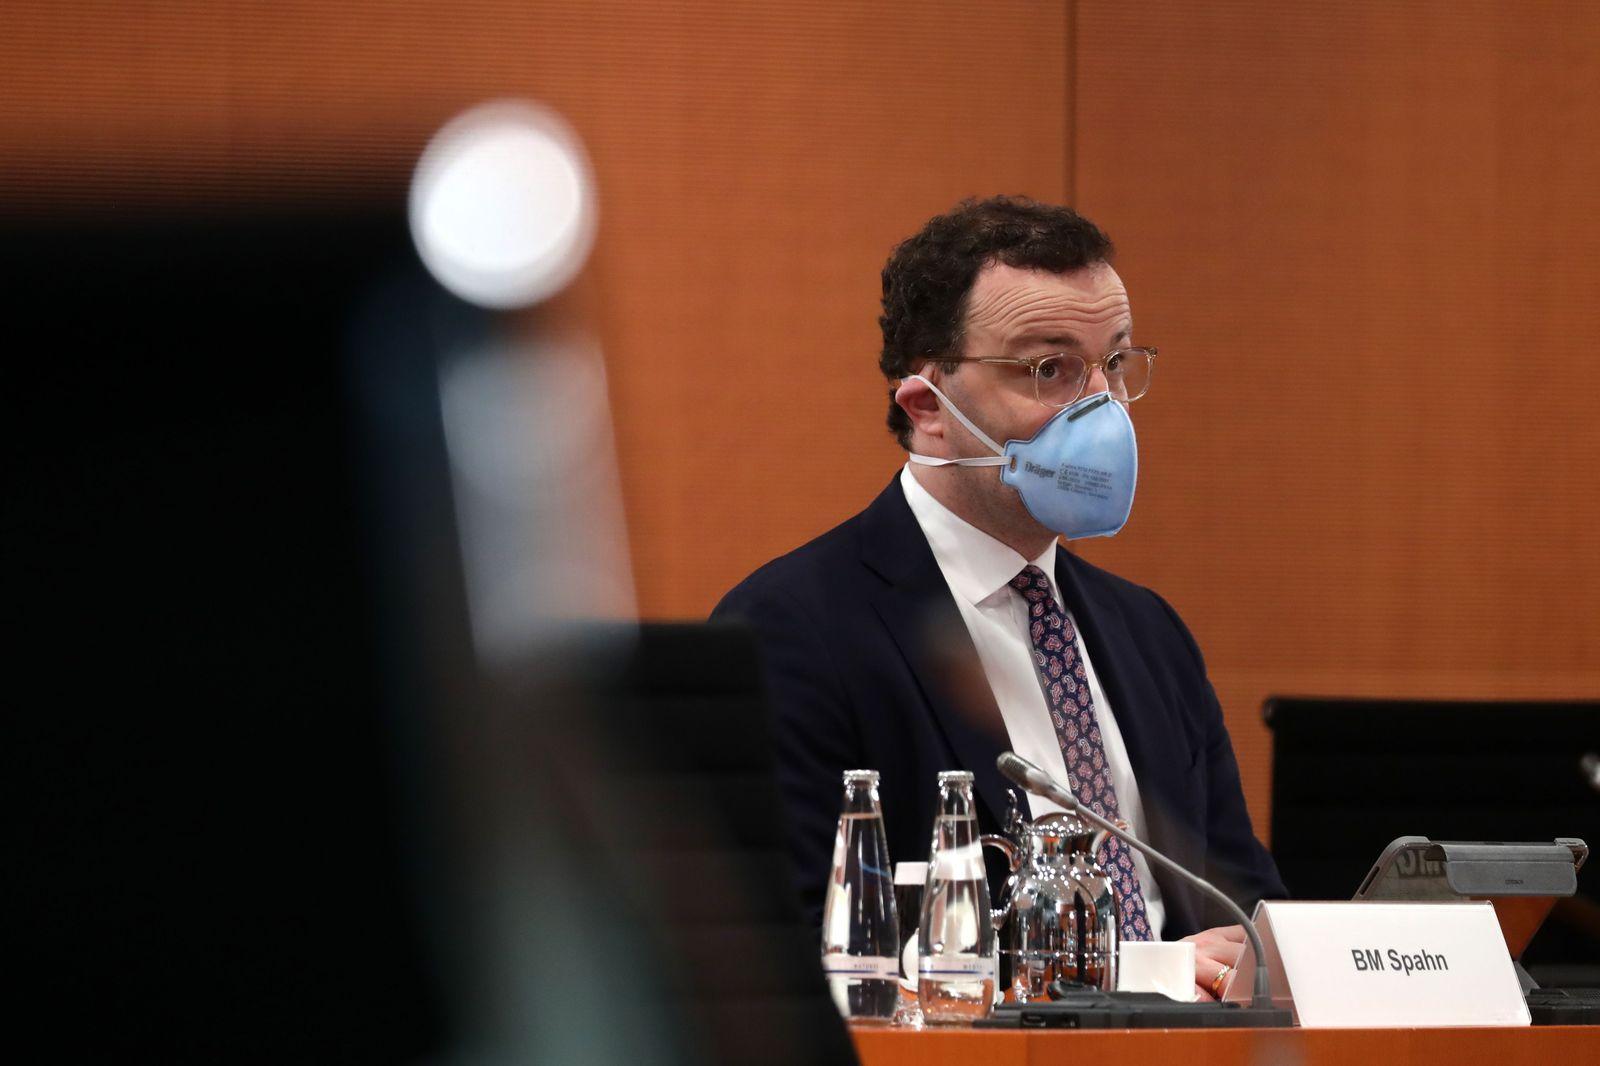 German governmental cabinet meeting in Berlin, Germany - 03 Feb 2021